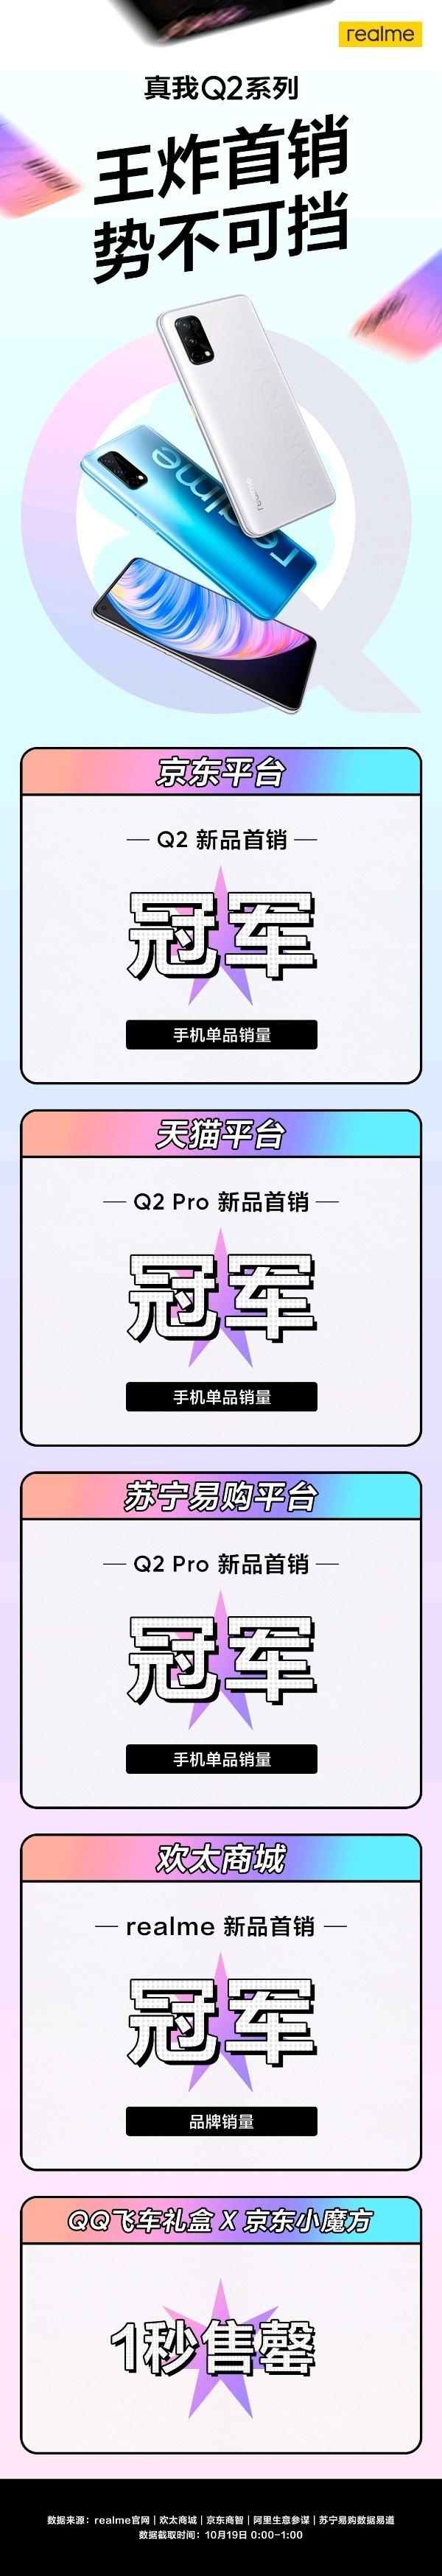 realme真我Q2系列火热首销!包揽三大平台销冠 真香